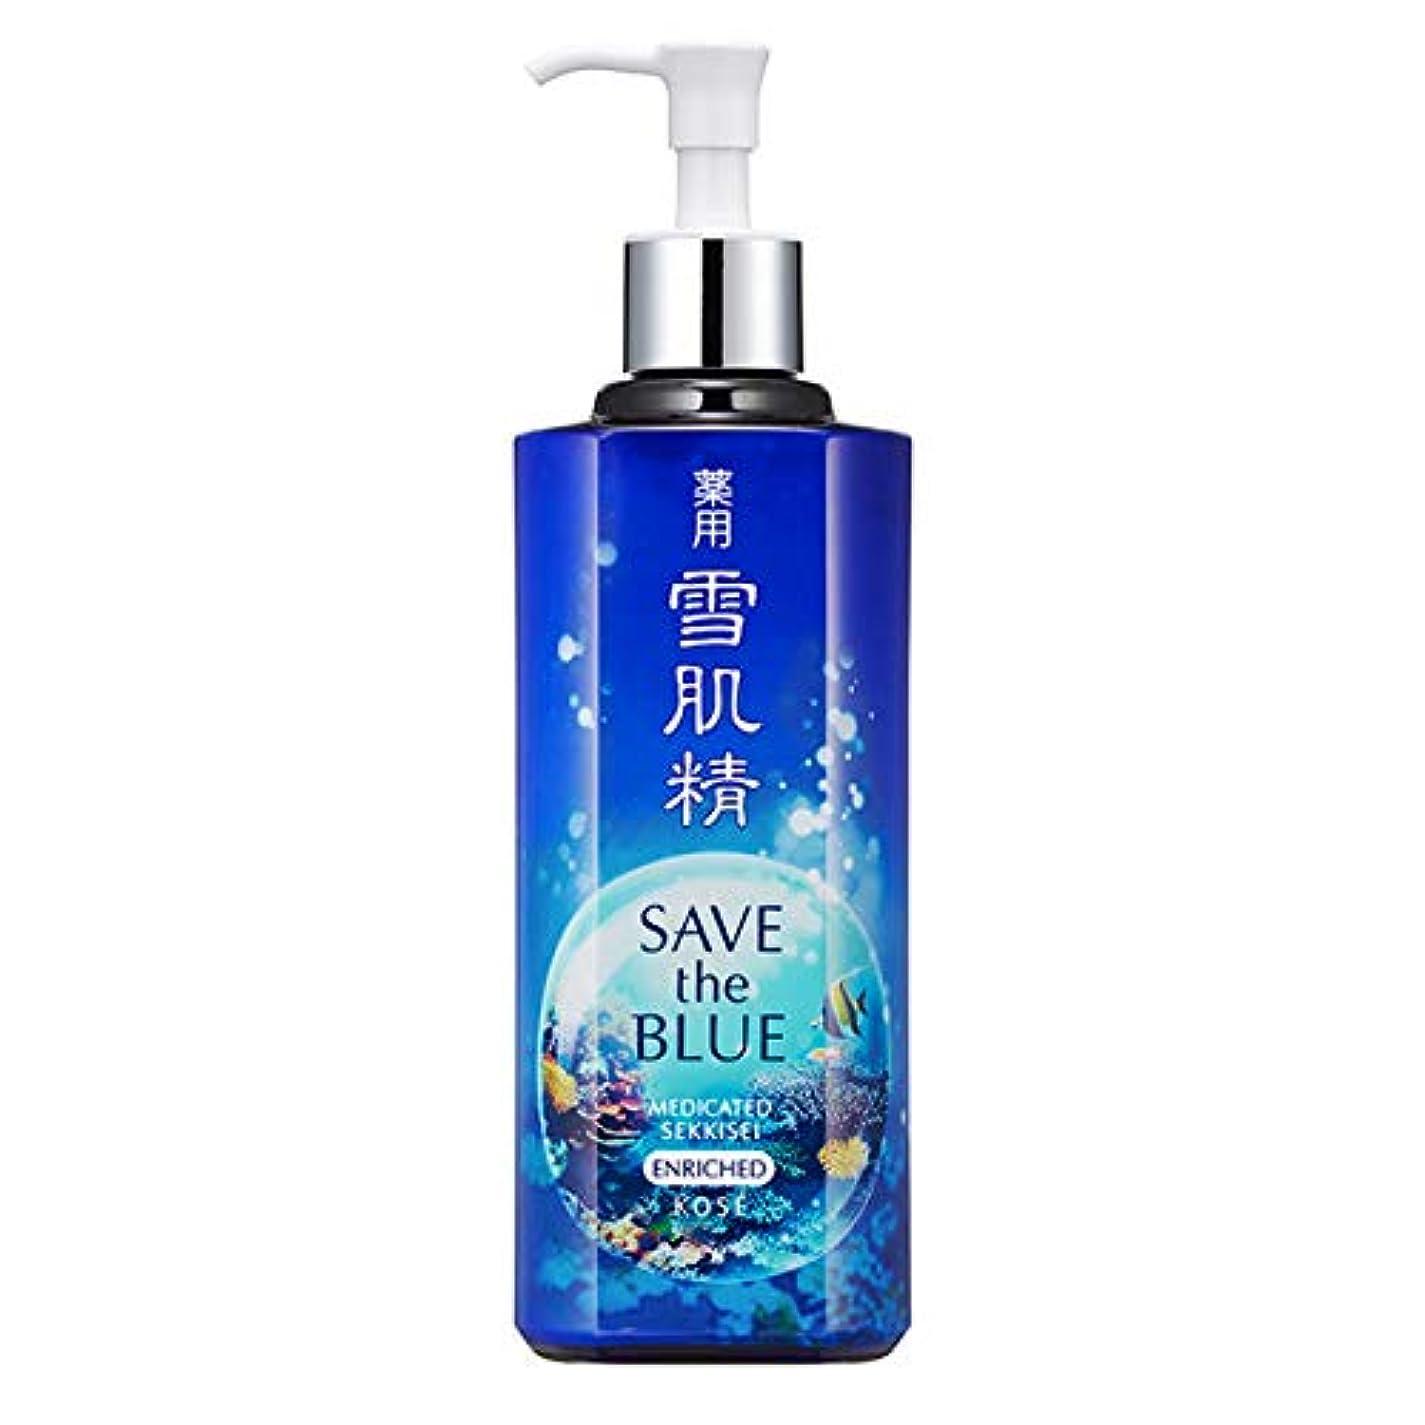 あなたが良くなります難破船障害者コーセー 雪肌精 エンリッチ 「SAVE the BLUE」デザインボトル(しっとりタイプ) 500ml